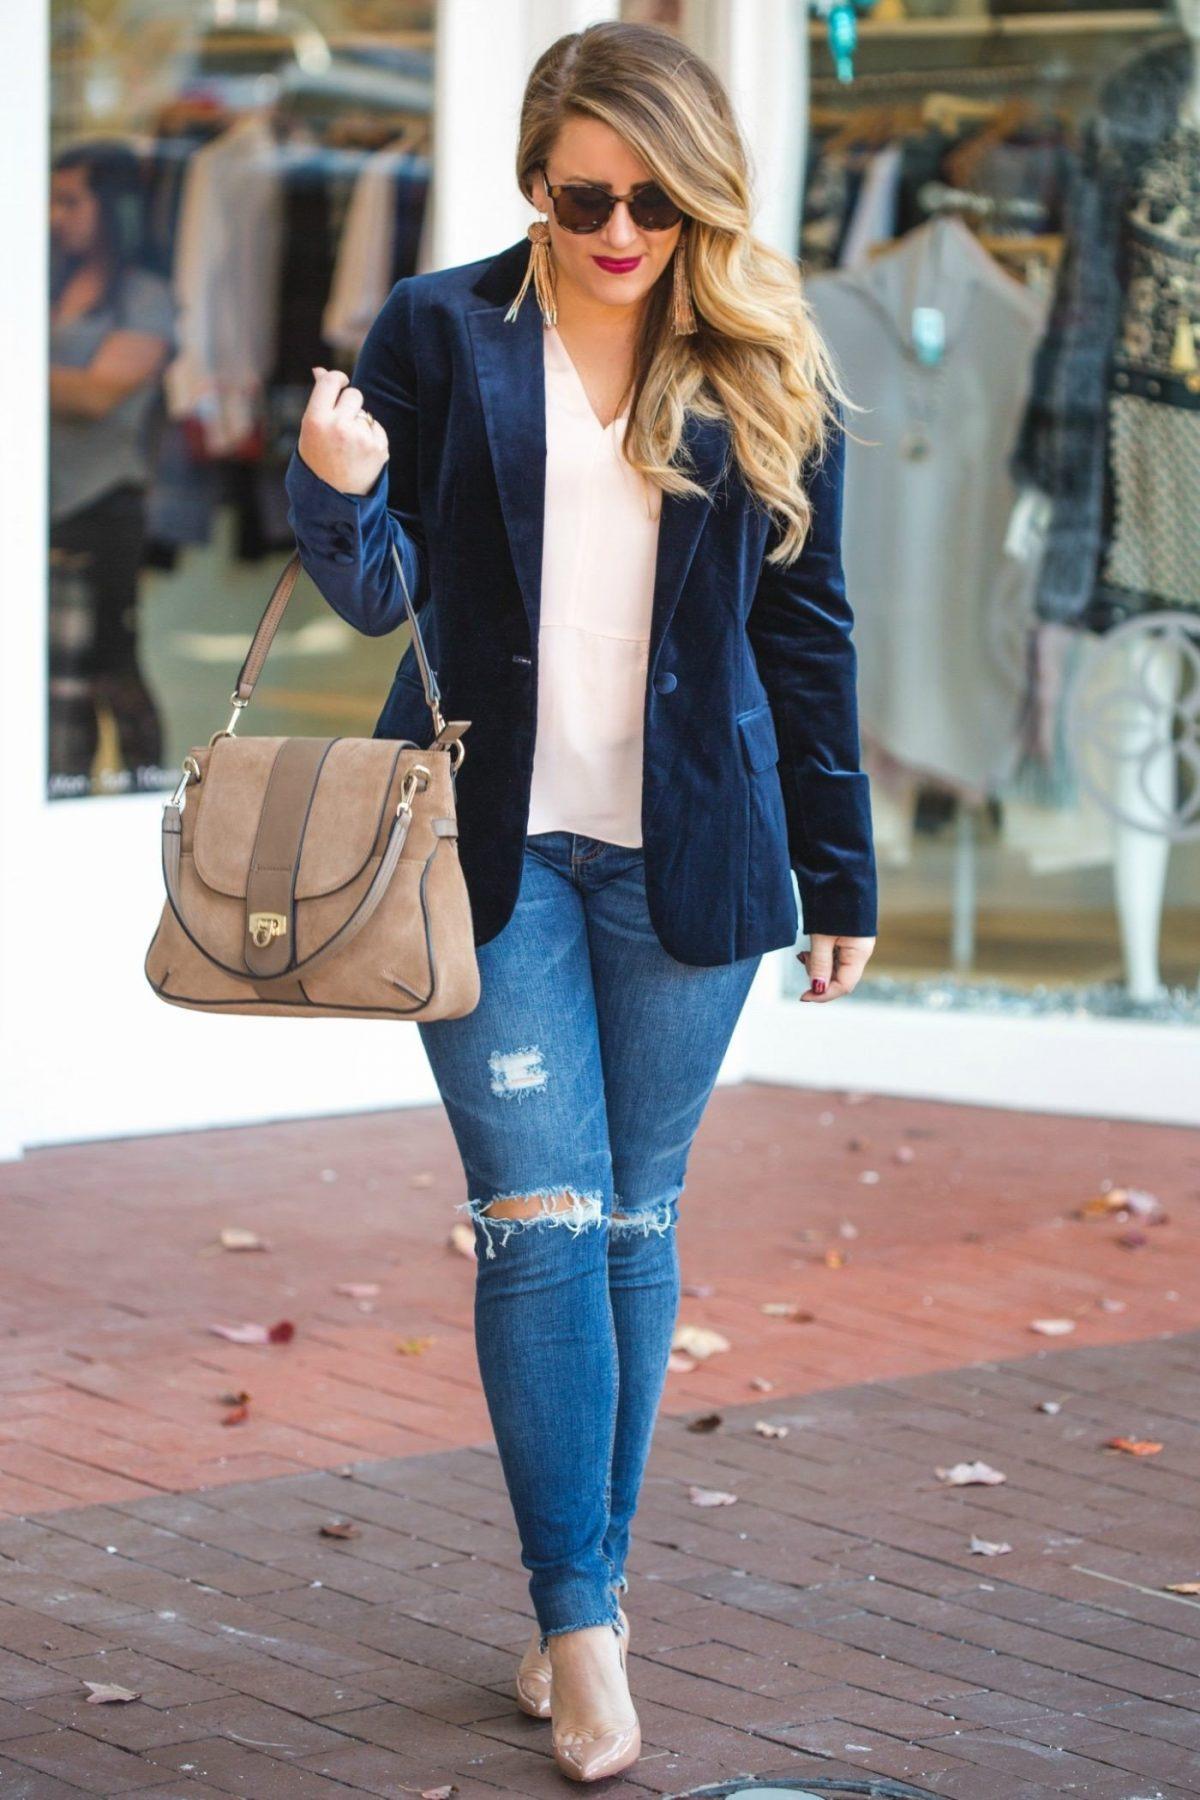 синий велюровый пиджак и джинсы с чем носить